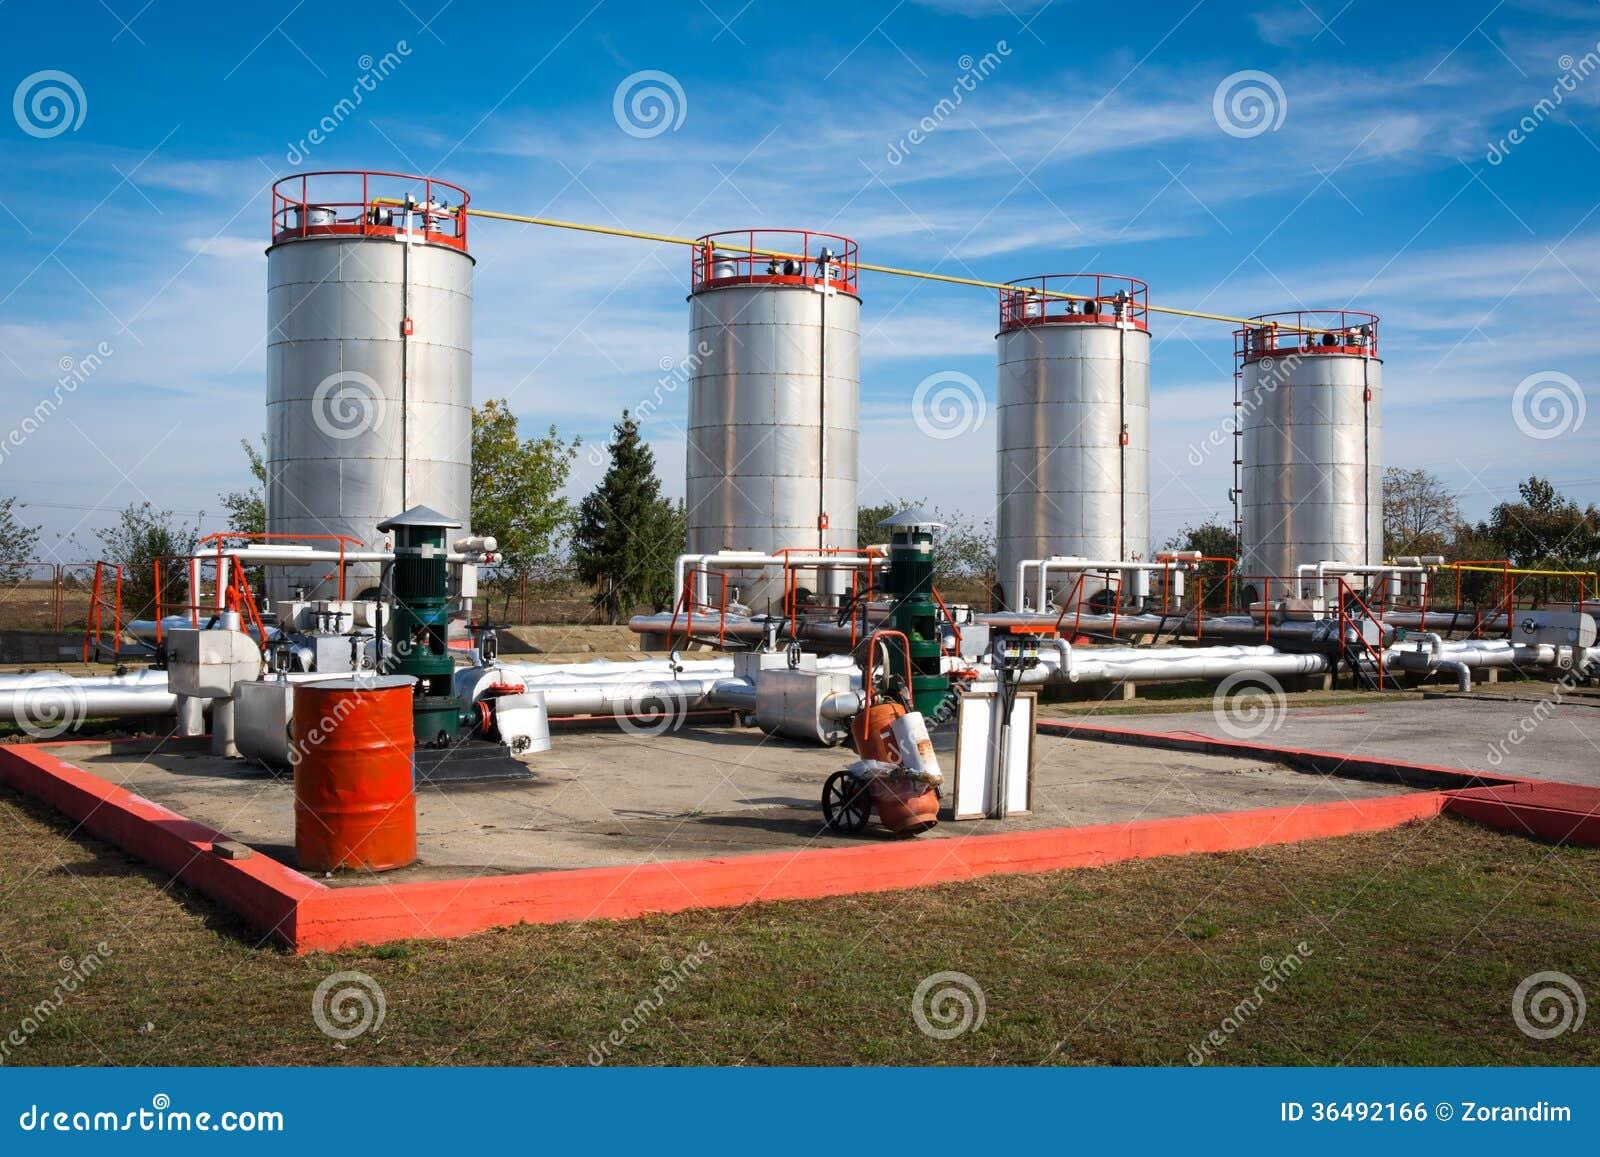 储油和管道